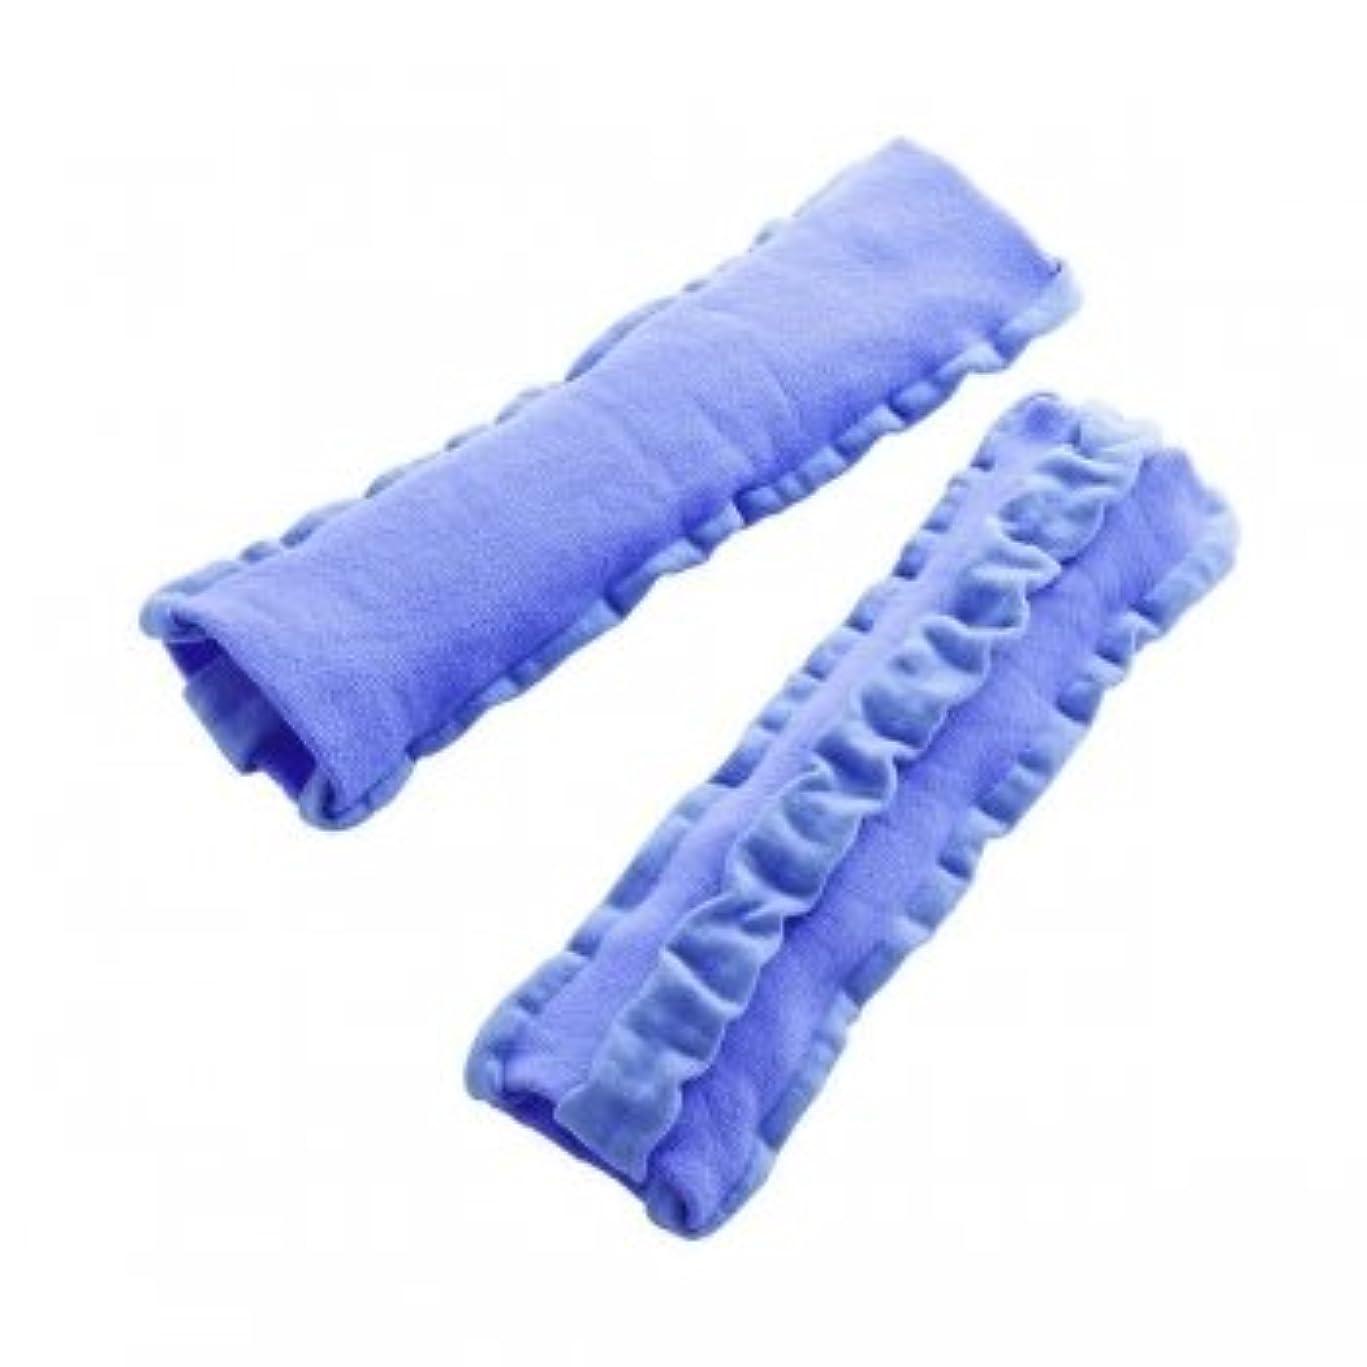 風刺暖かさスクリューゴム糸を一切使わない特殊なベアー編みで作られた、ふくらはぎ用着圧サポーター。 3本の弱圧ラインと、その間にある強圧ラインとが組み合わさった強弱マッサージライン。 弱編みと強編みの組み合わせが、手もみマッサージをされている様なほどよい着圧効果を足に与えます。 幅広弱圧ラインがふくらはぎを重点的にマッサージできます。 着けて寝るだけで、一晩中足をマッサージ!